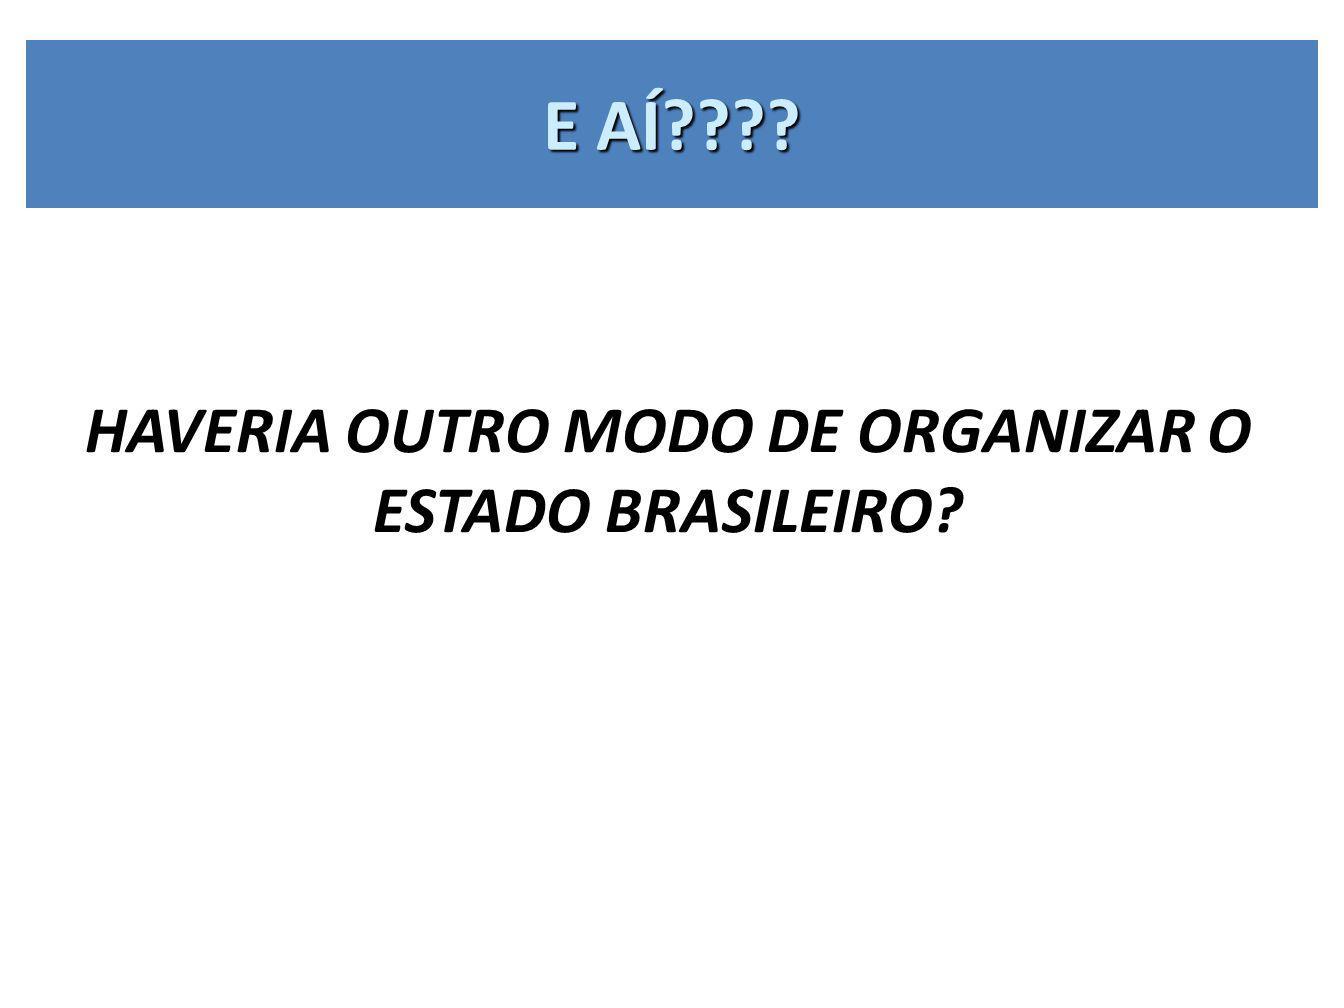 HAVERIA OUTRO MODO DE ORGANIZAR O ESTADO BRASILEIRO